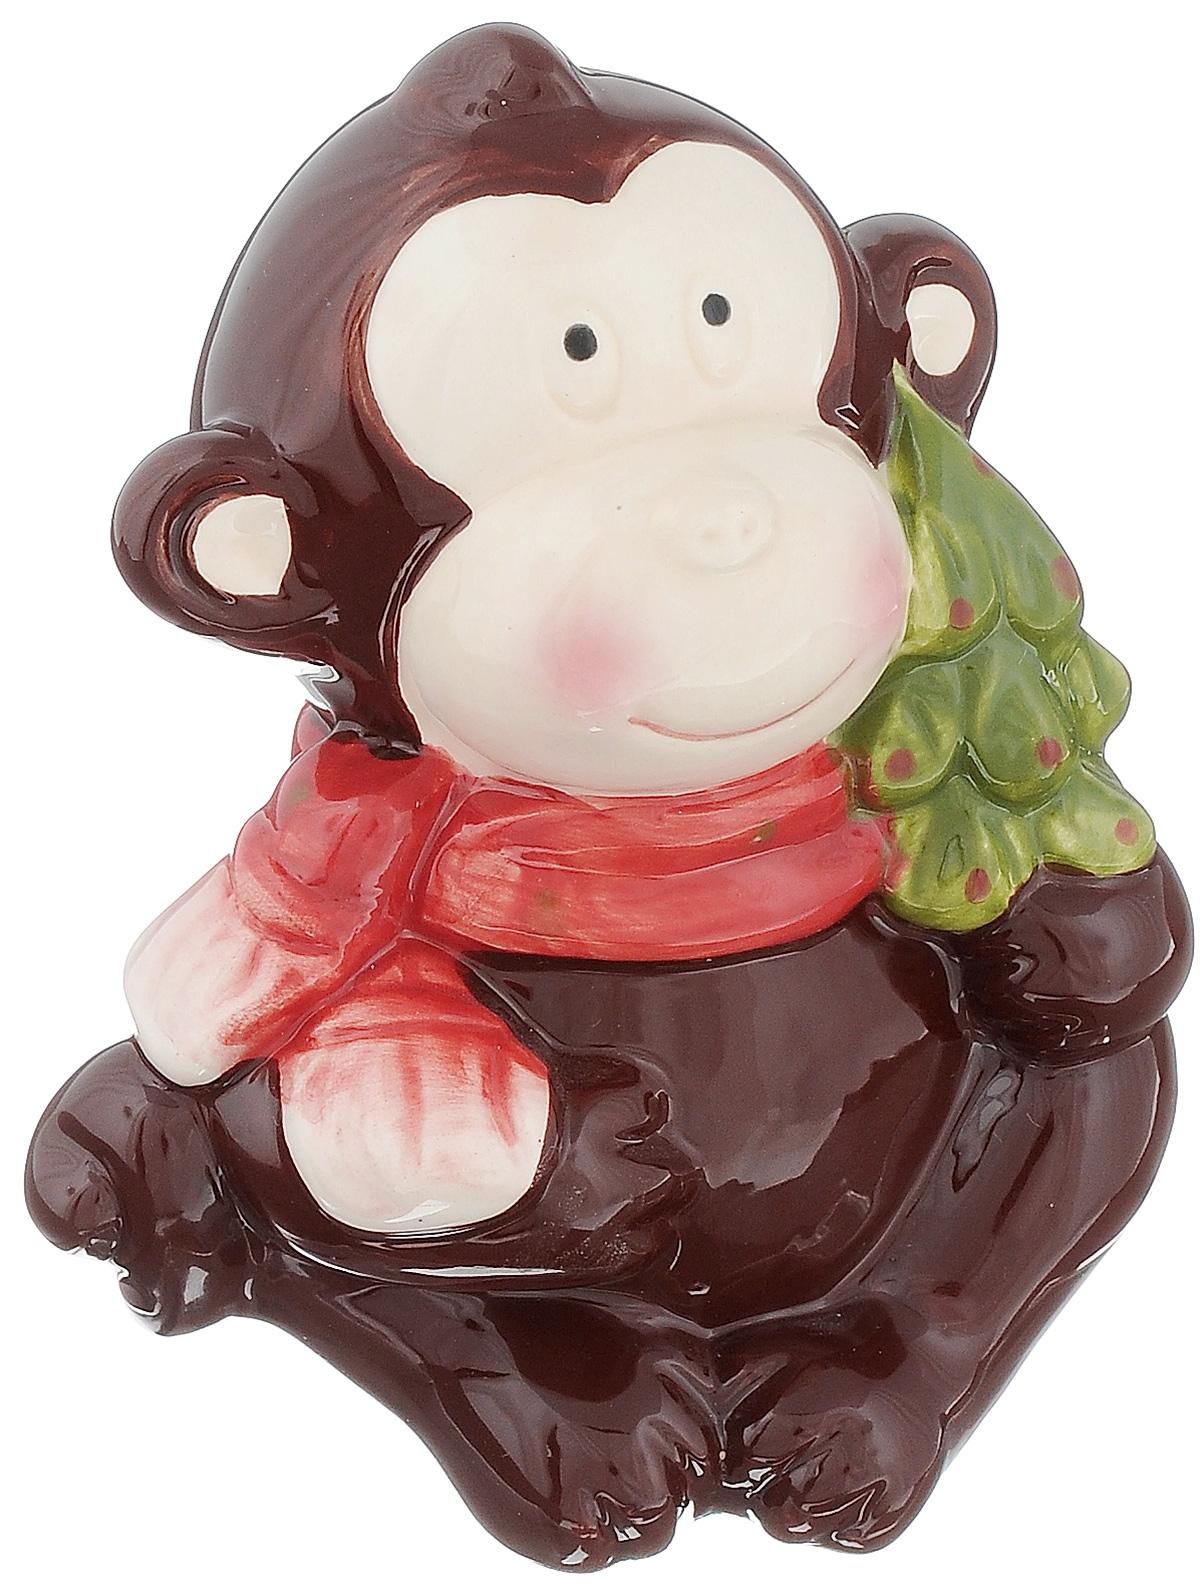 Сувенир Sima-land Обезьянка в шарфике с елочкой, высота 11,5 см подсвечник декоративный sima land обезьянка в шарфике на шаре высота 13 3 см